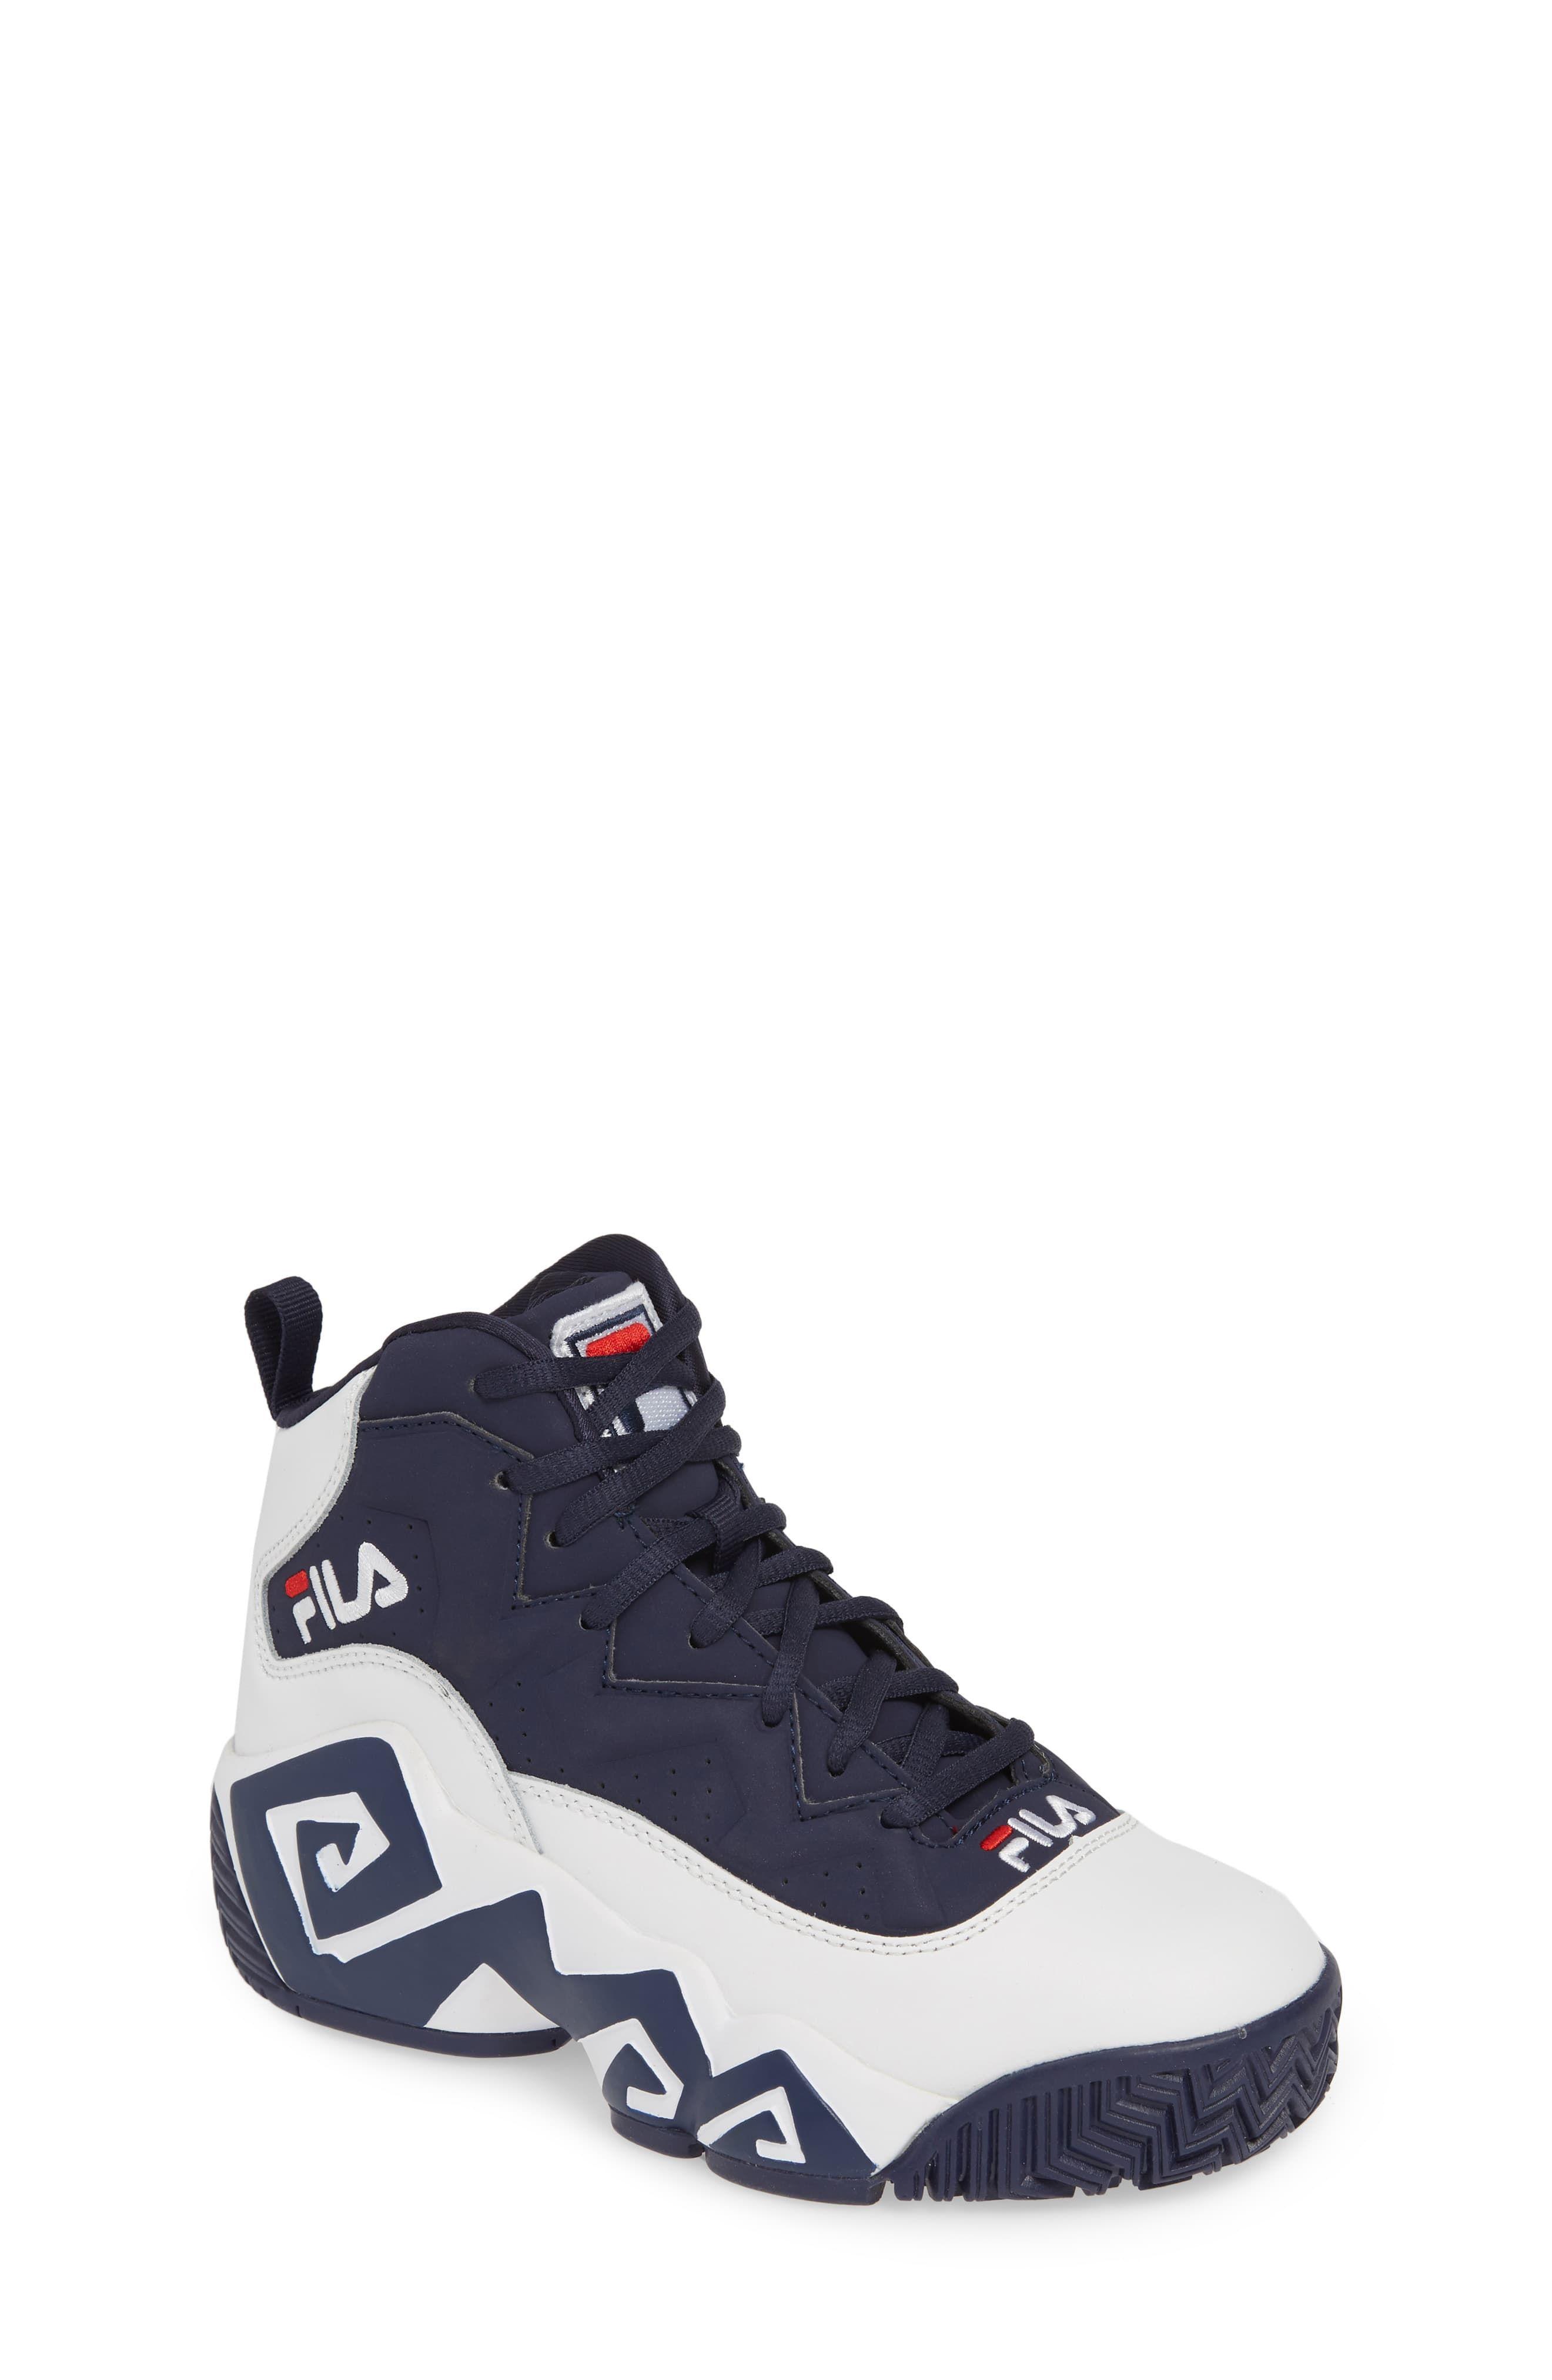 Fila Men's MB Heritage Sneaker,Whitenavyred,10 in 2020